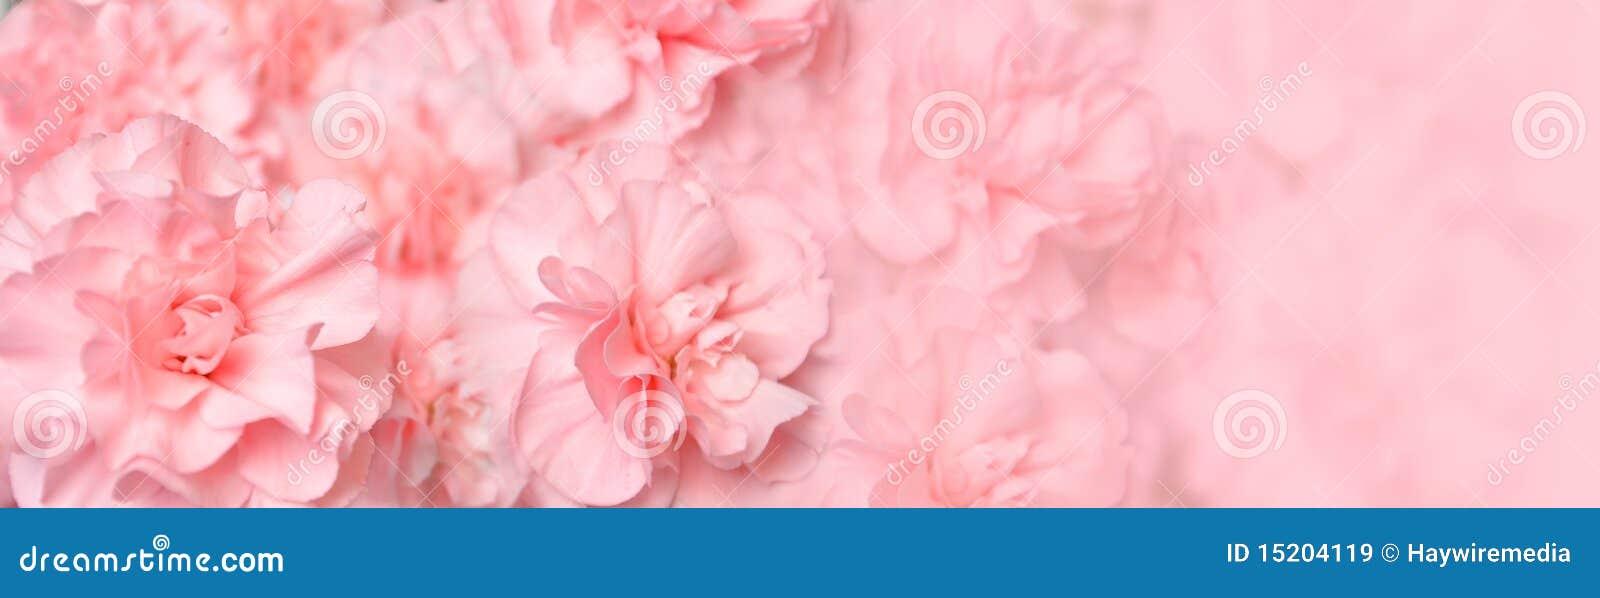 Schöner rosafarbener Gartennelke-Blumen-Vorsatz